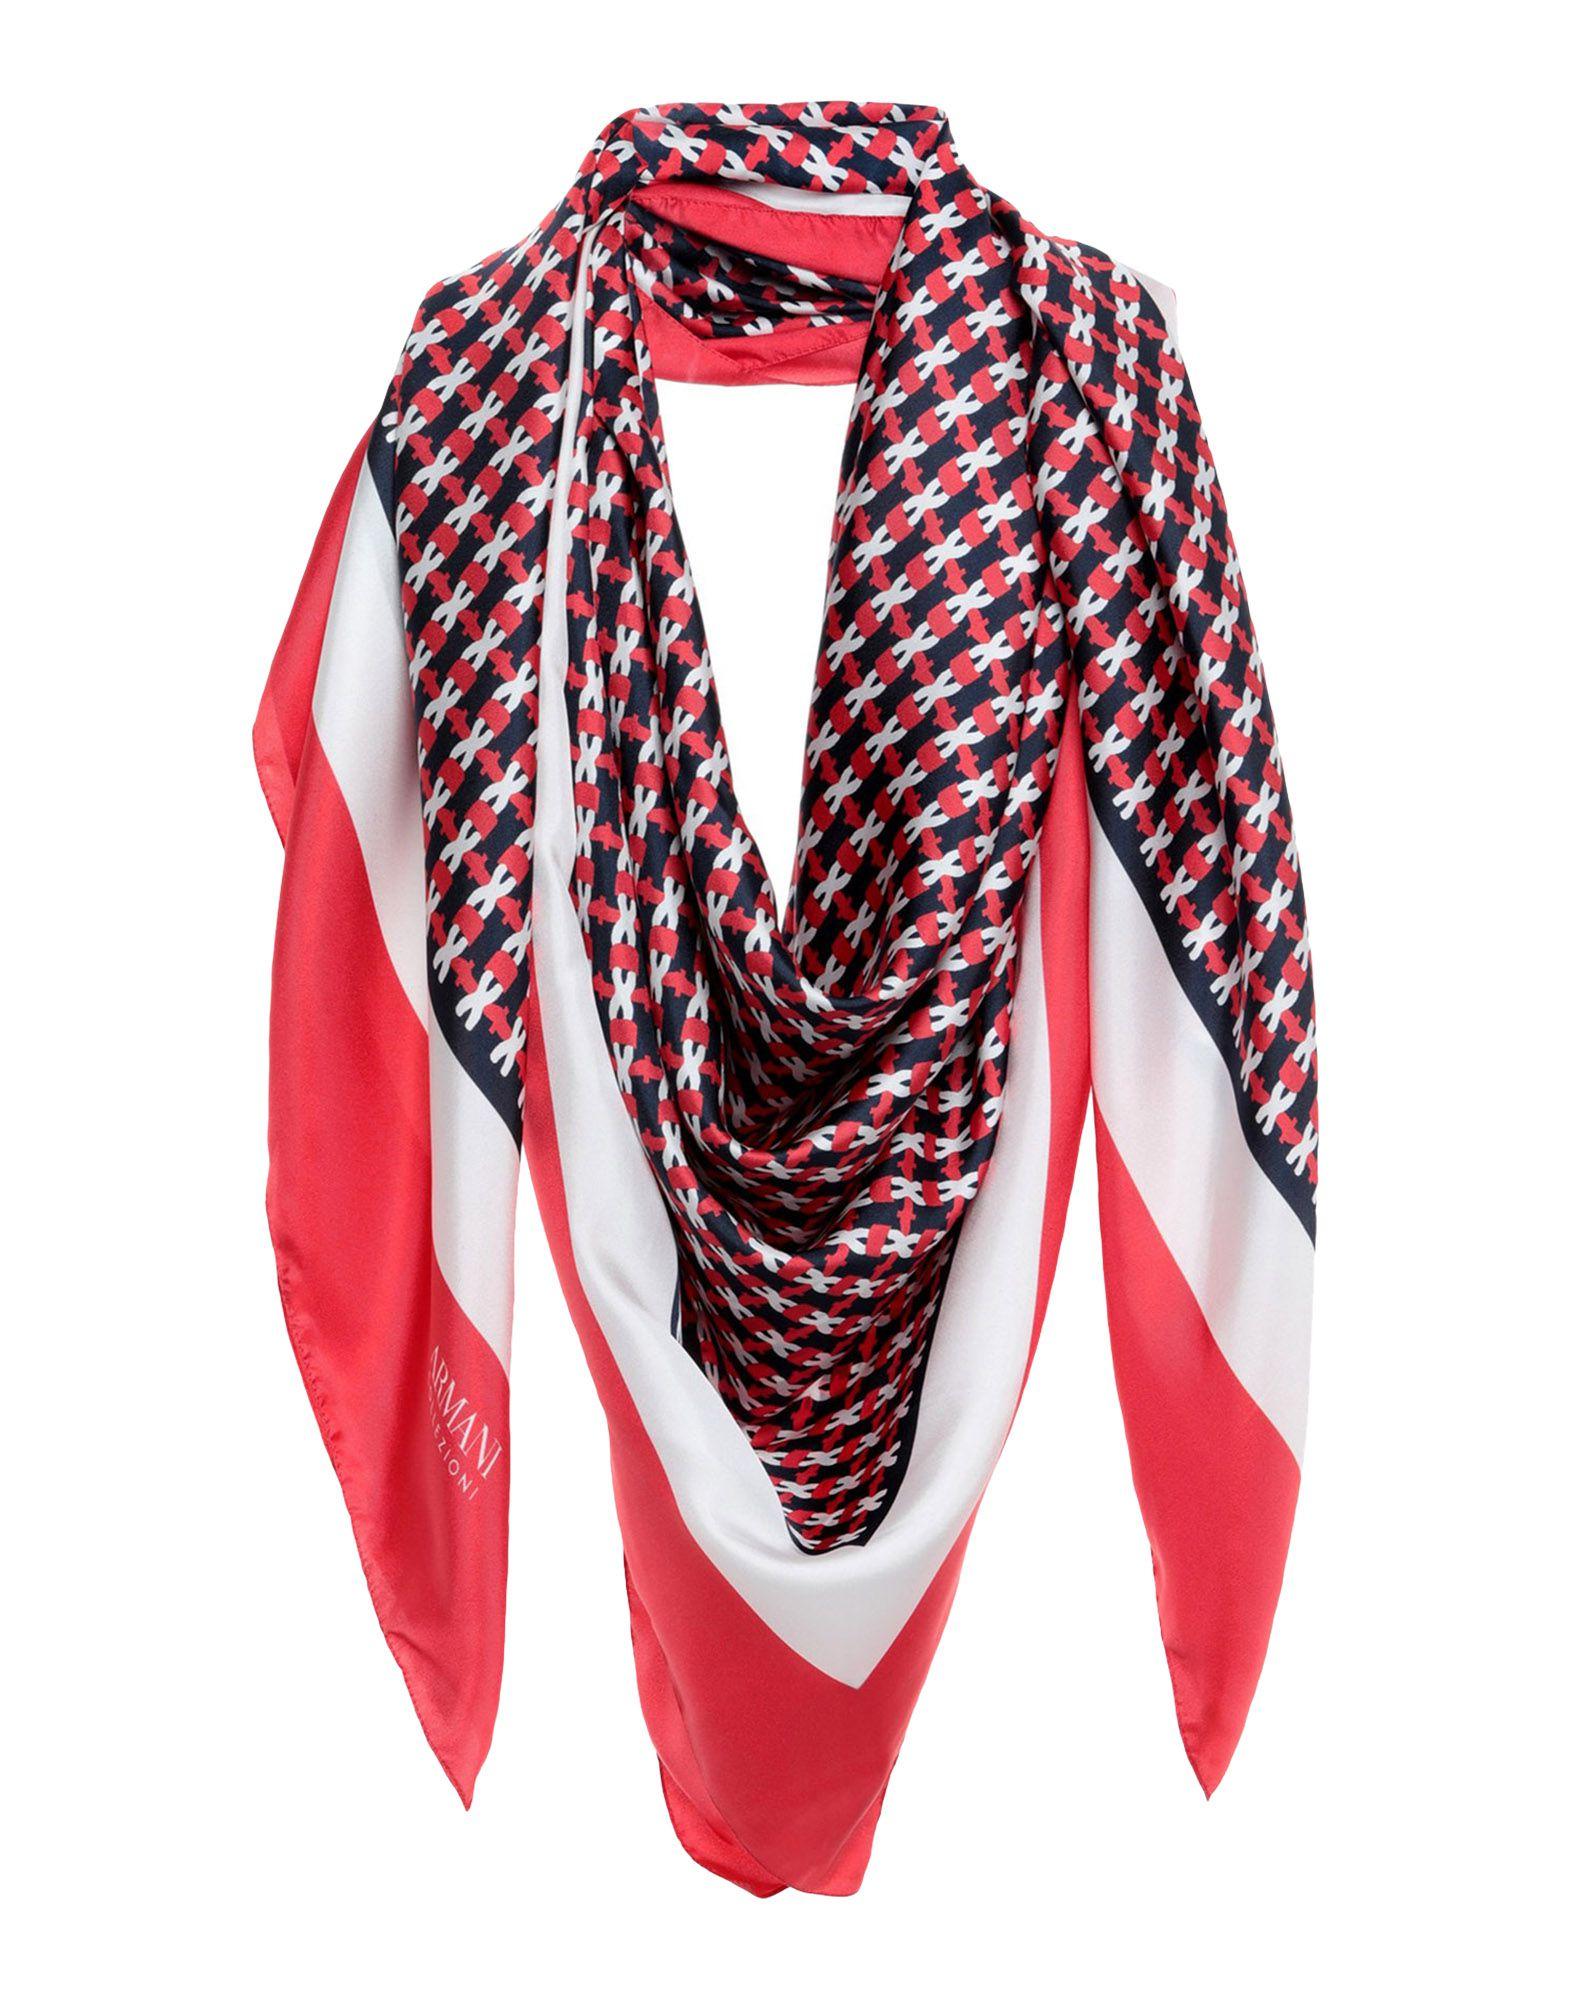 ARMANI COLLEZIONI Платок платок armani jeans 924174 7a111 00020